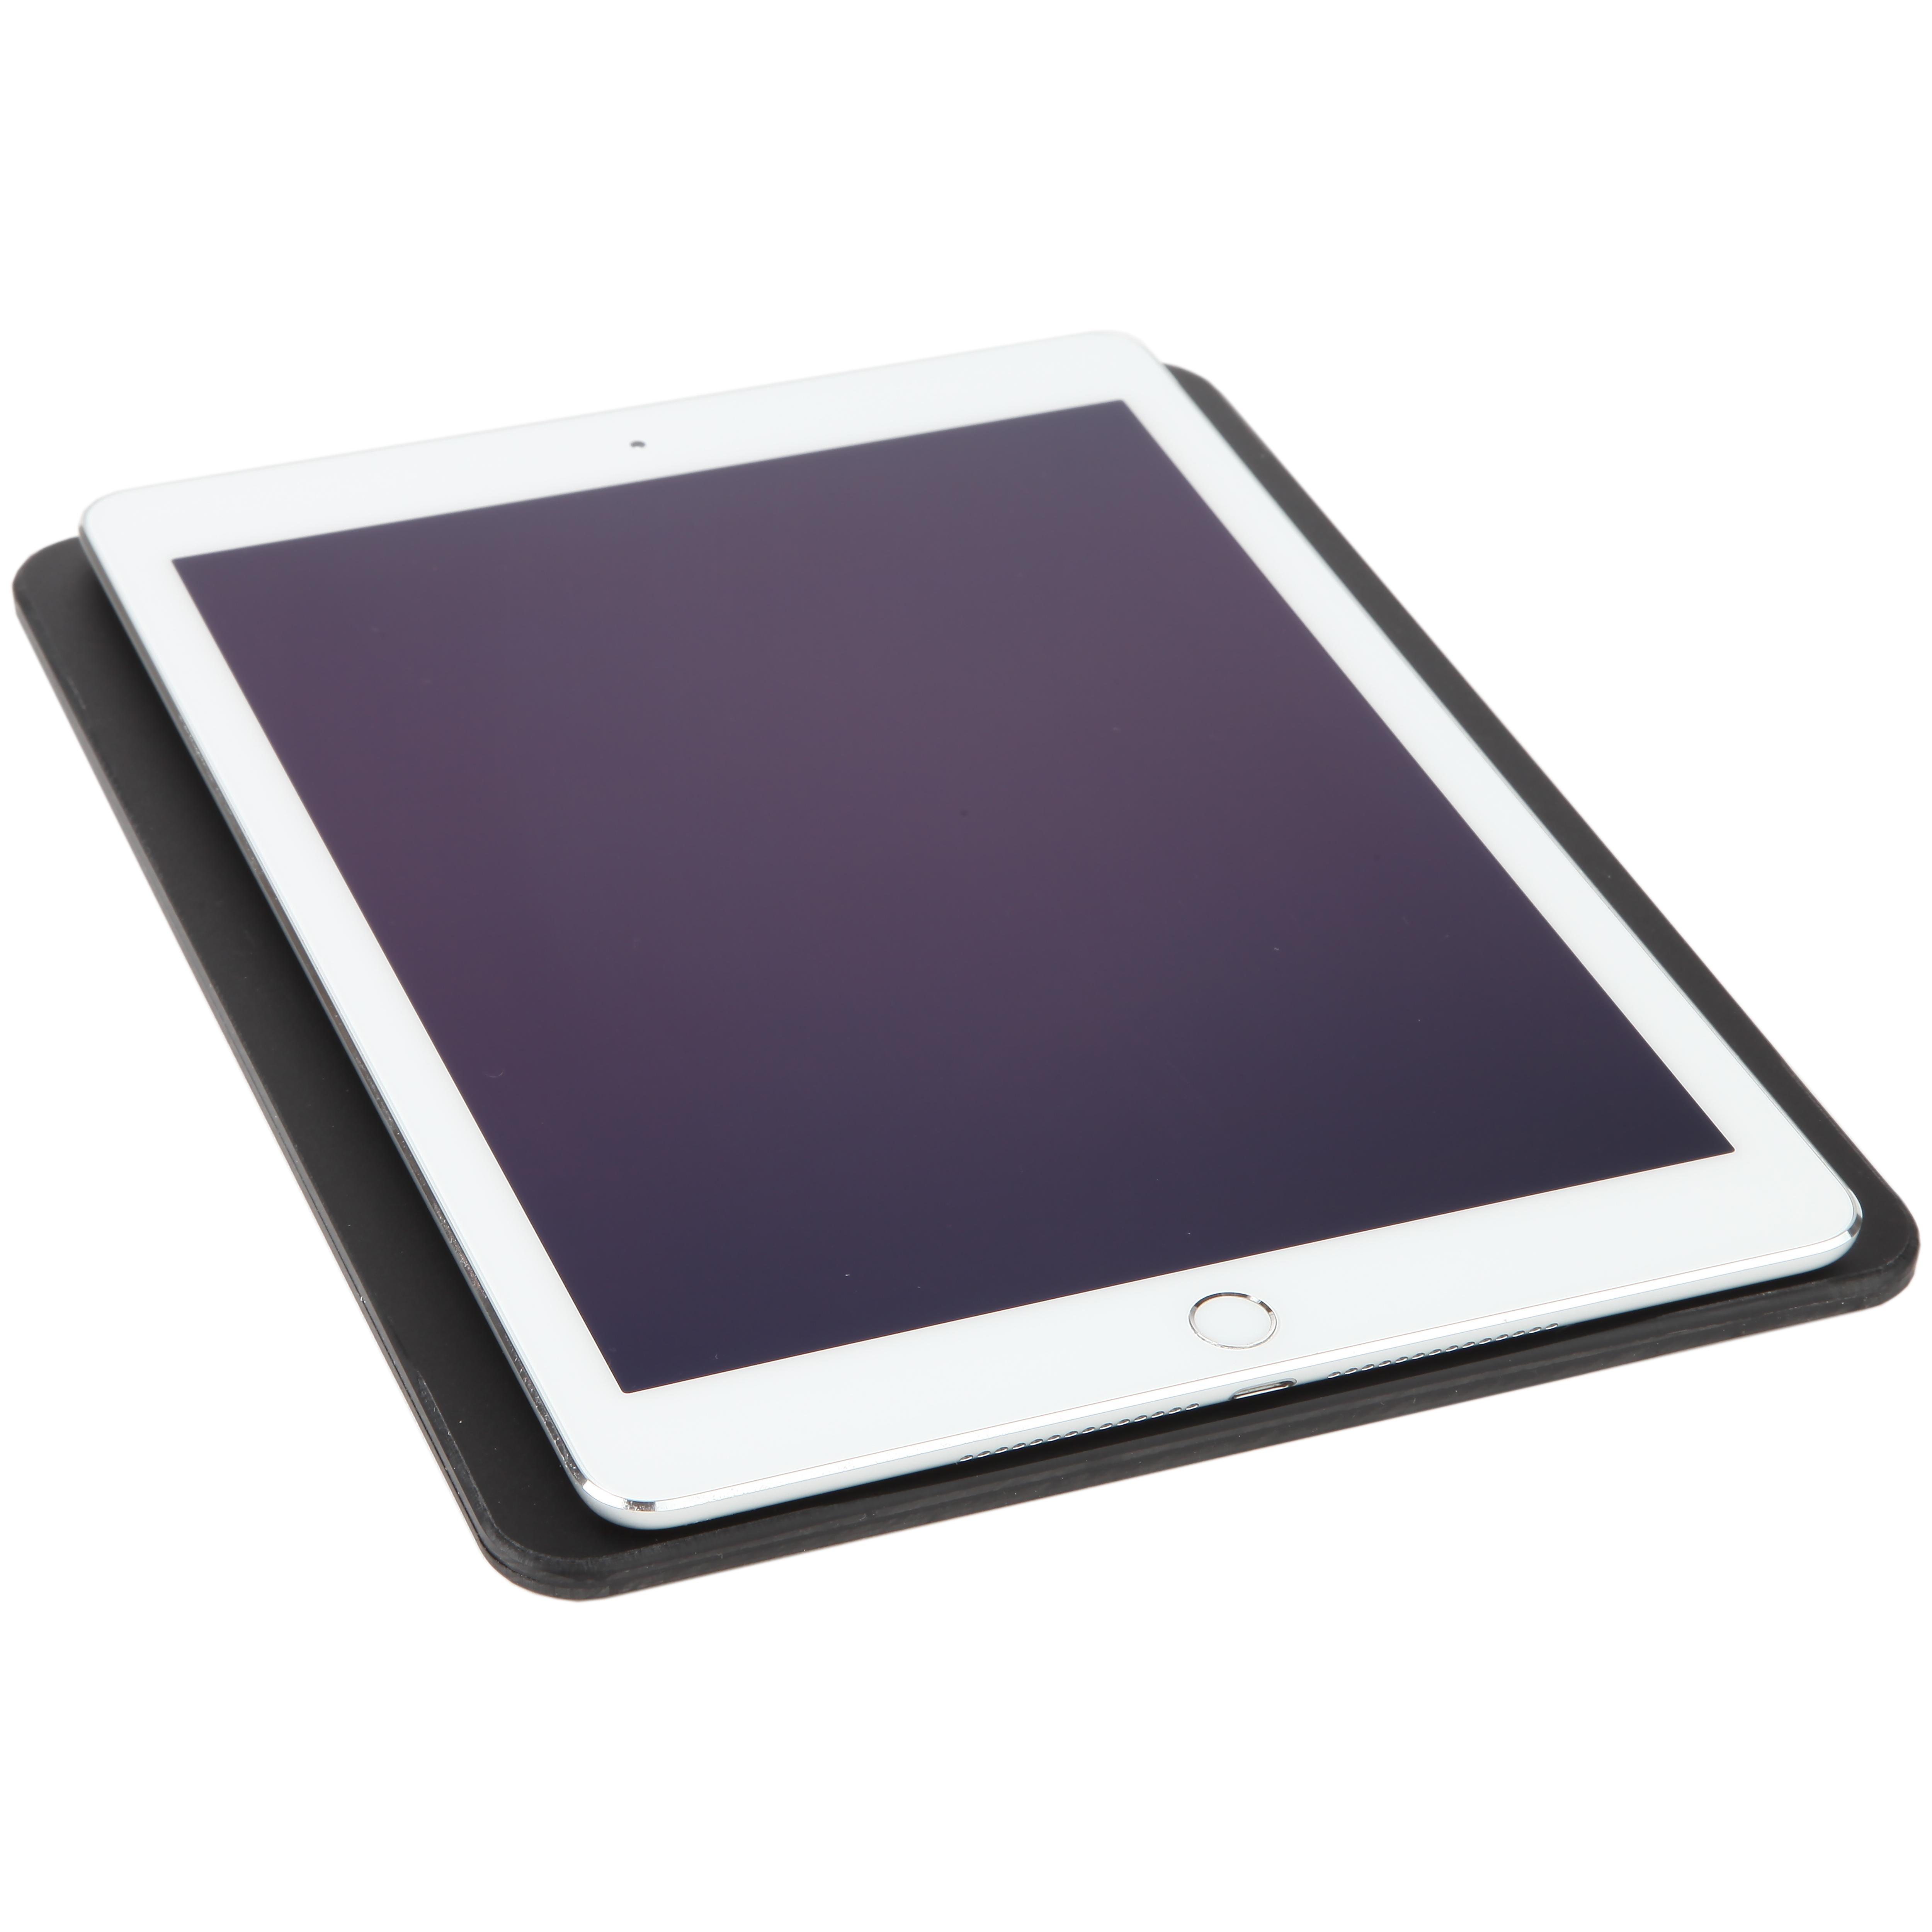 tablet radiation shield